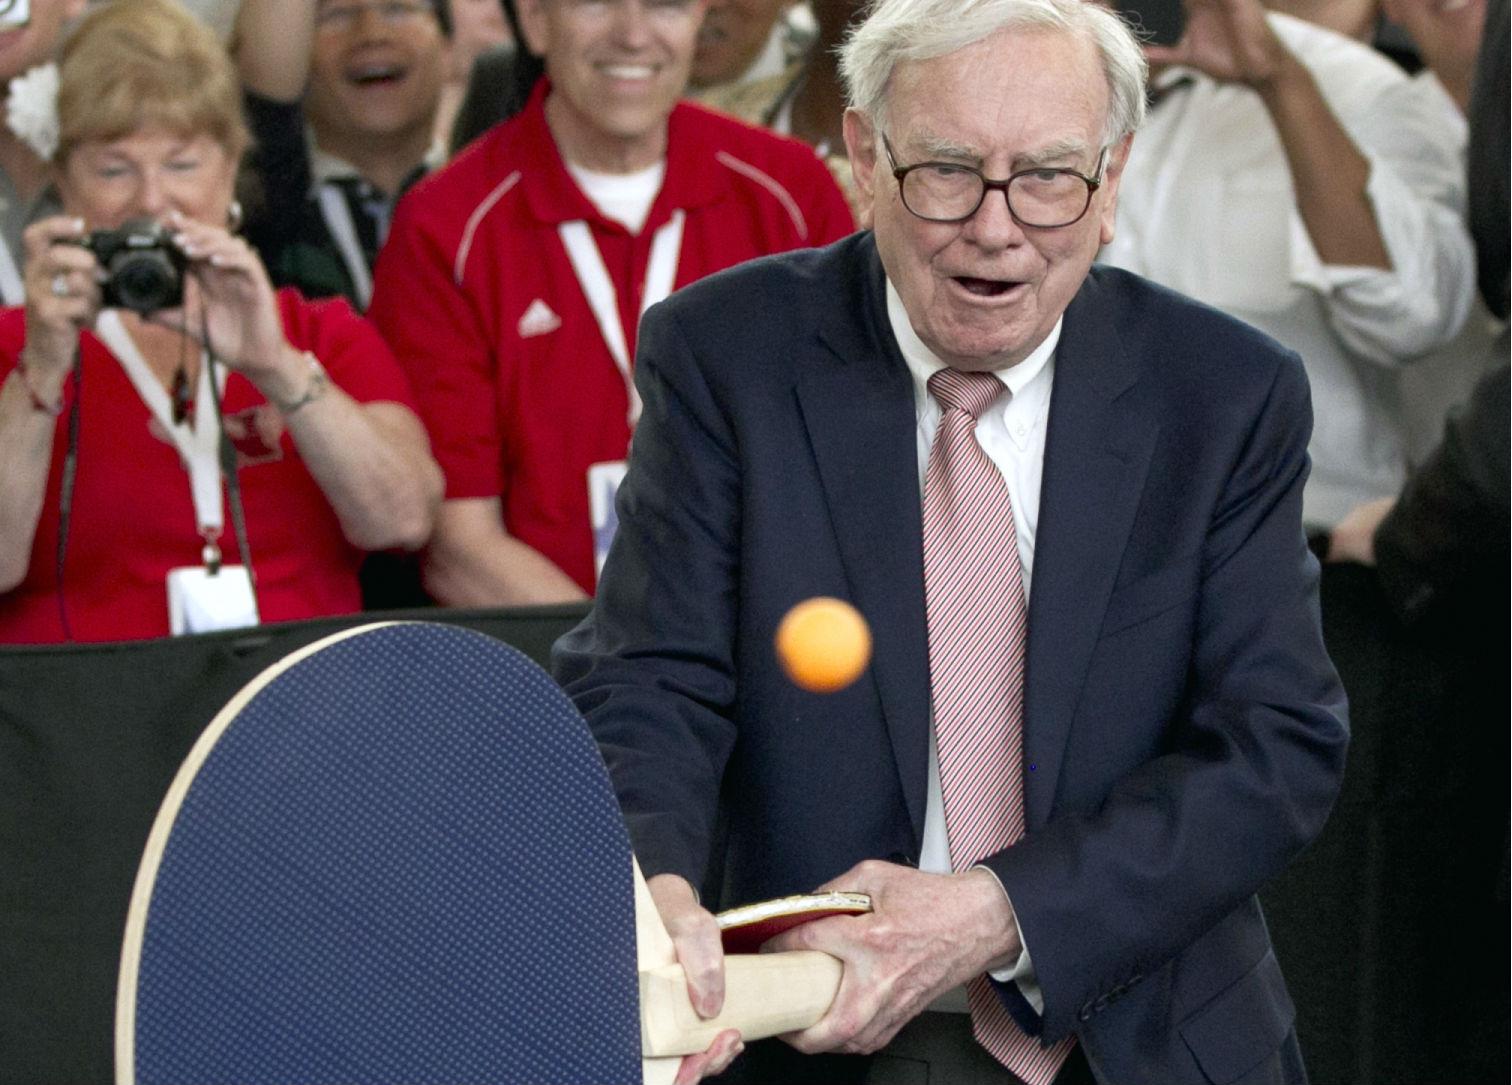 Las 7 divertidas enseñanzas sobre negocios que puedes aprender de la última carta de Warren Buffett a sus accionistas